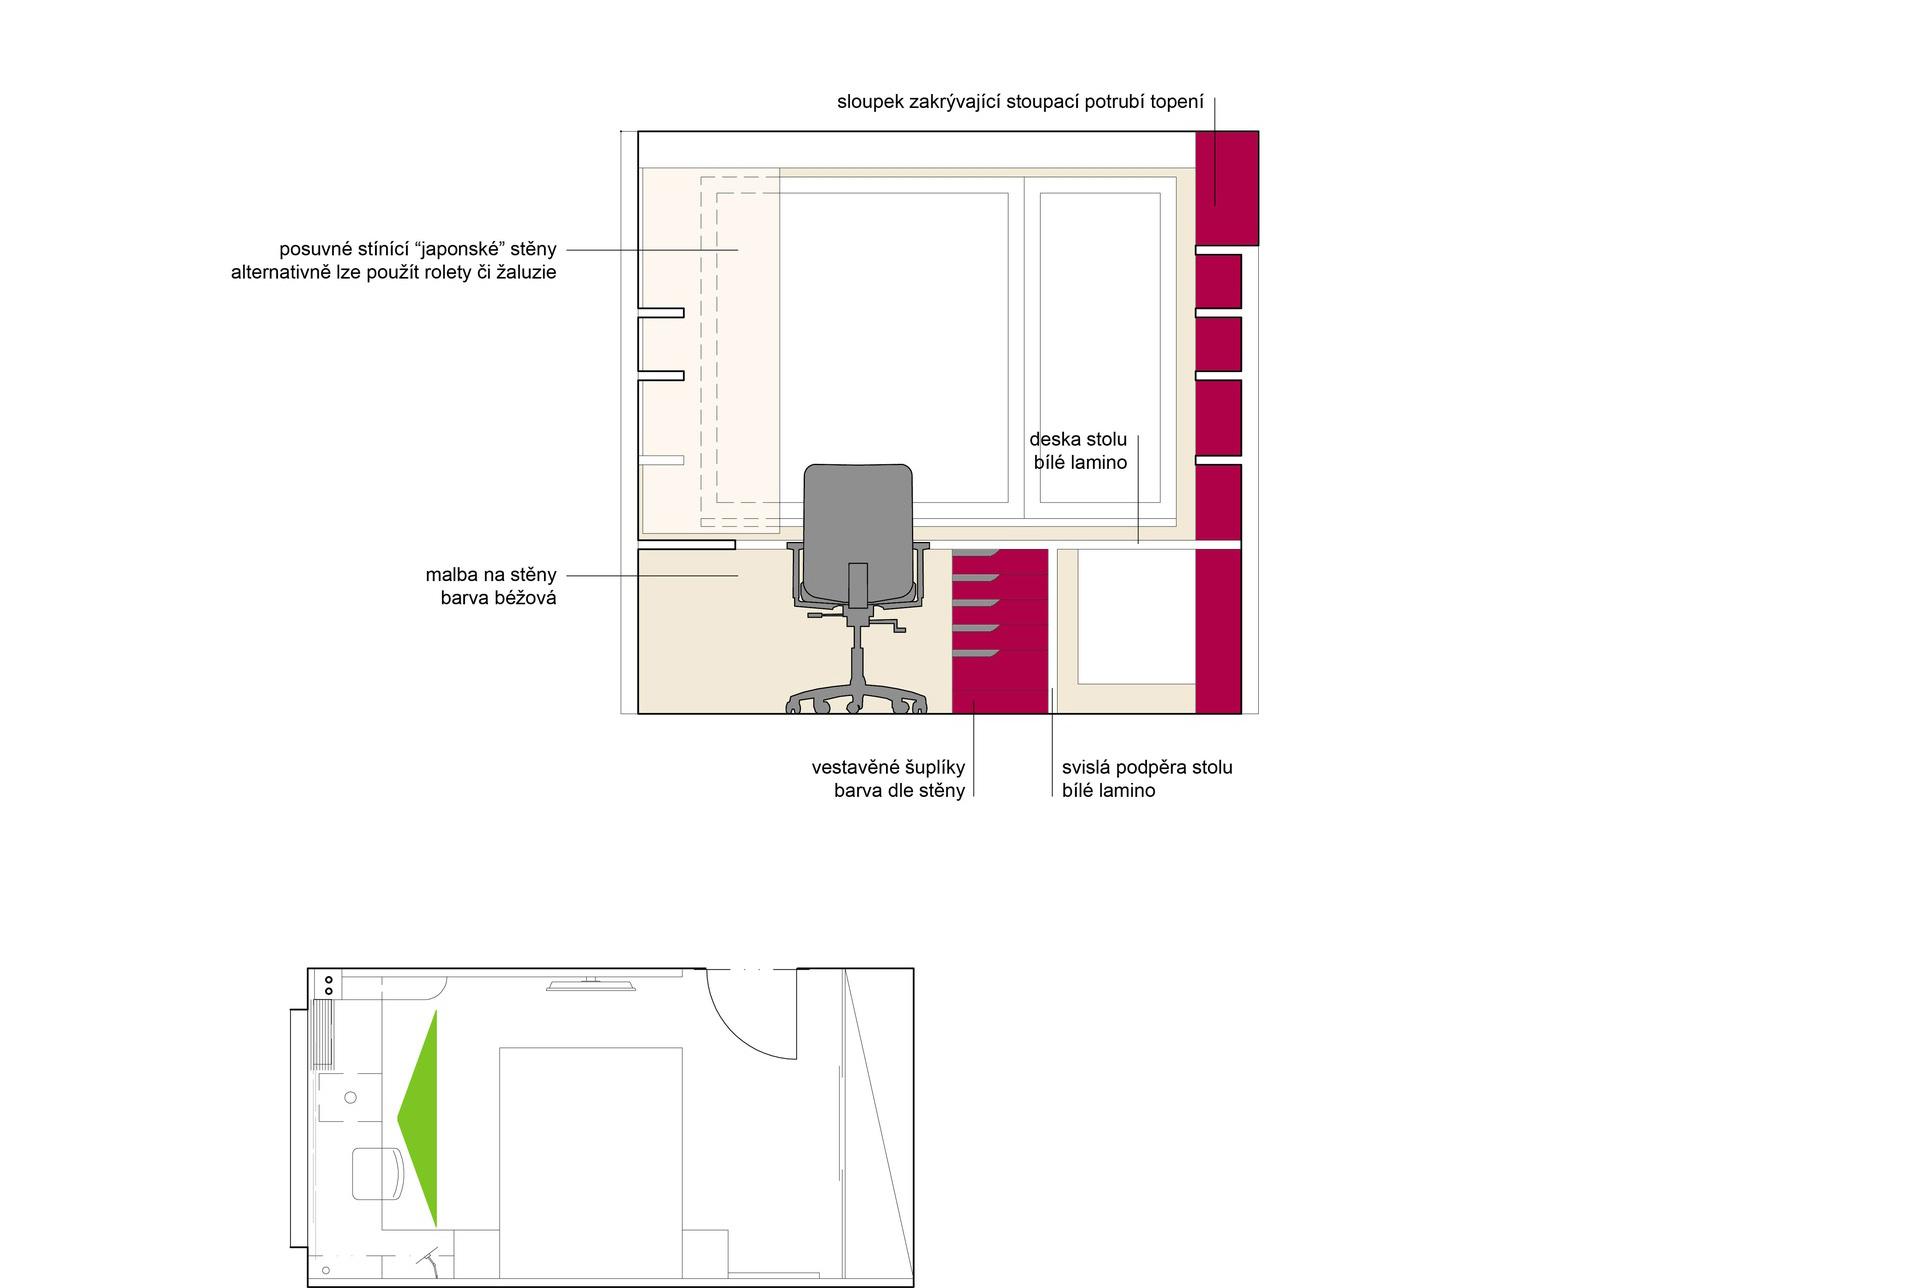 G:�4-prace�2-projekty21-RannasByt - Urbanova�3-navrhDWG11